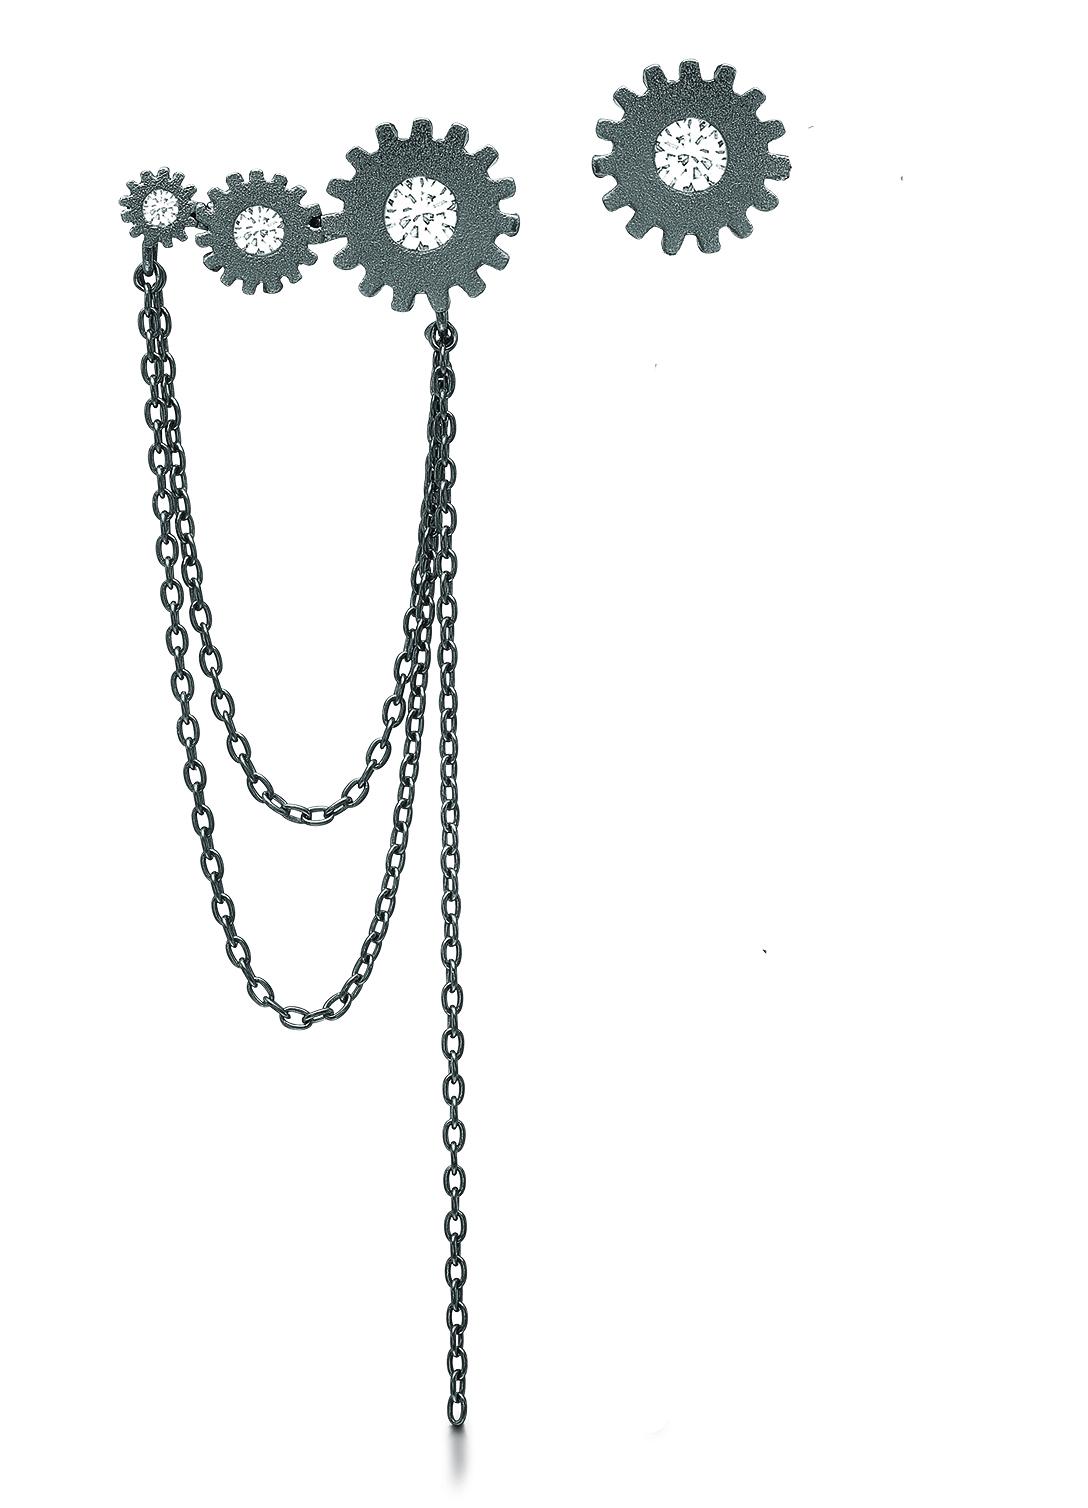 Sort sølv i rå stil fra Kranz og Ziegler